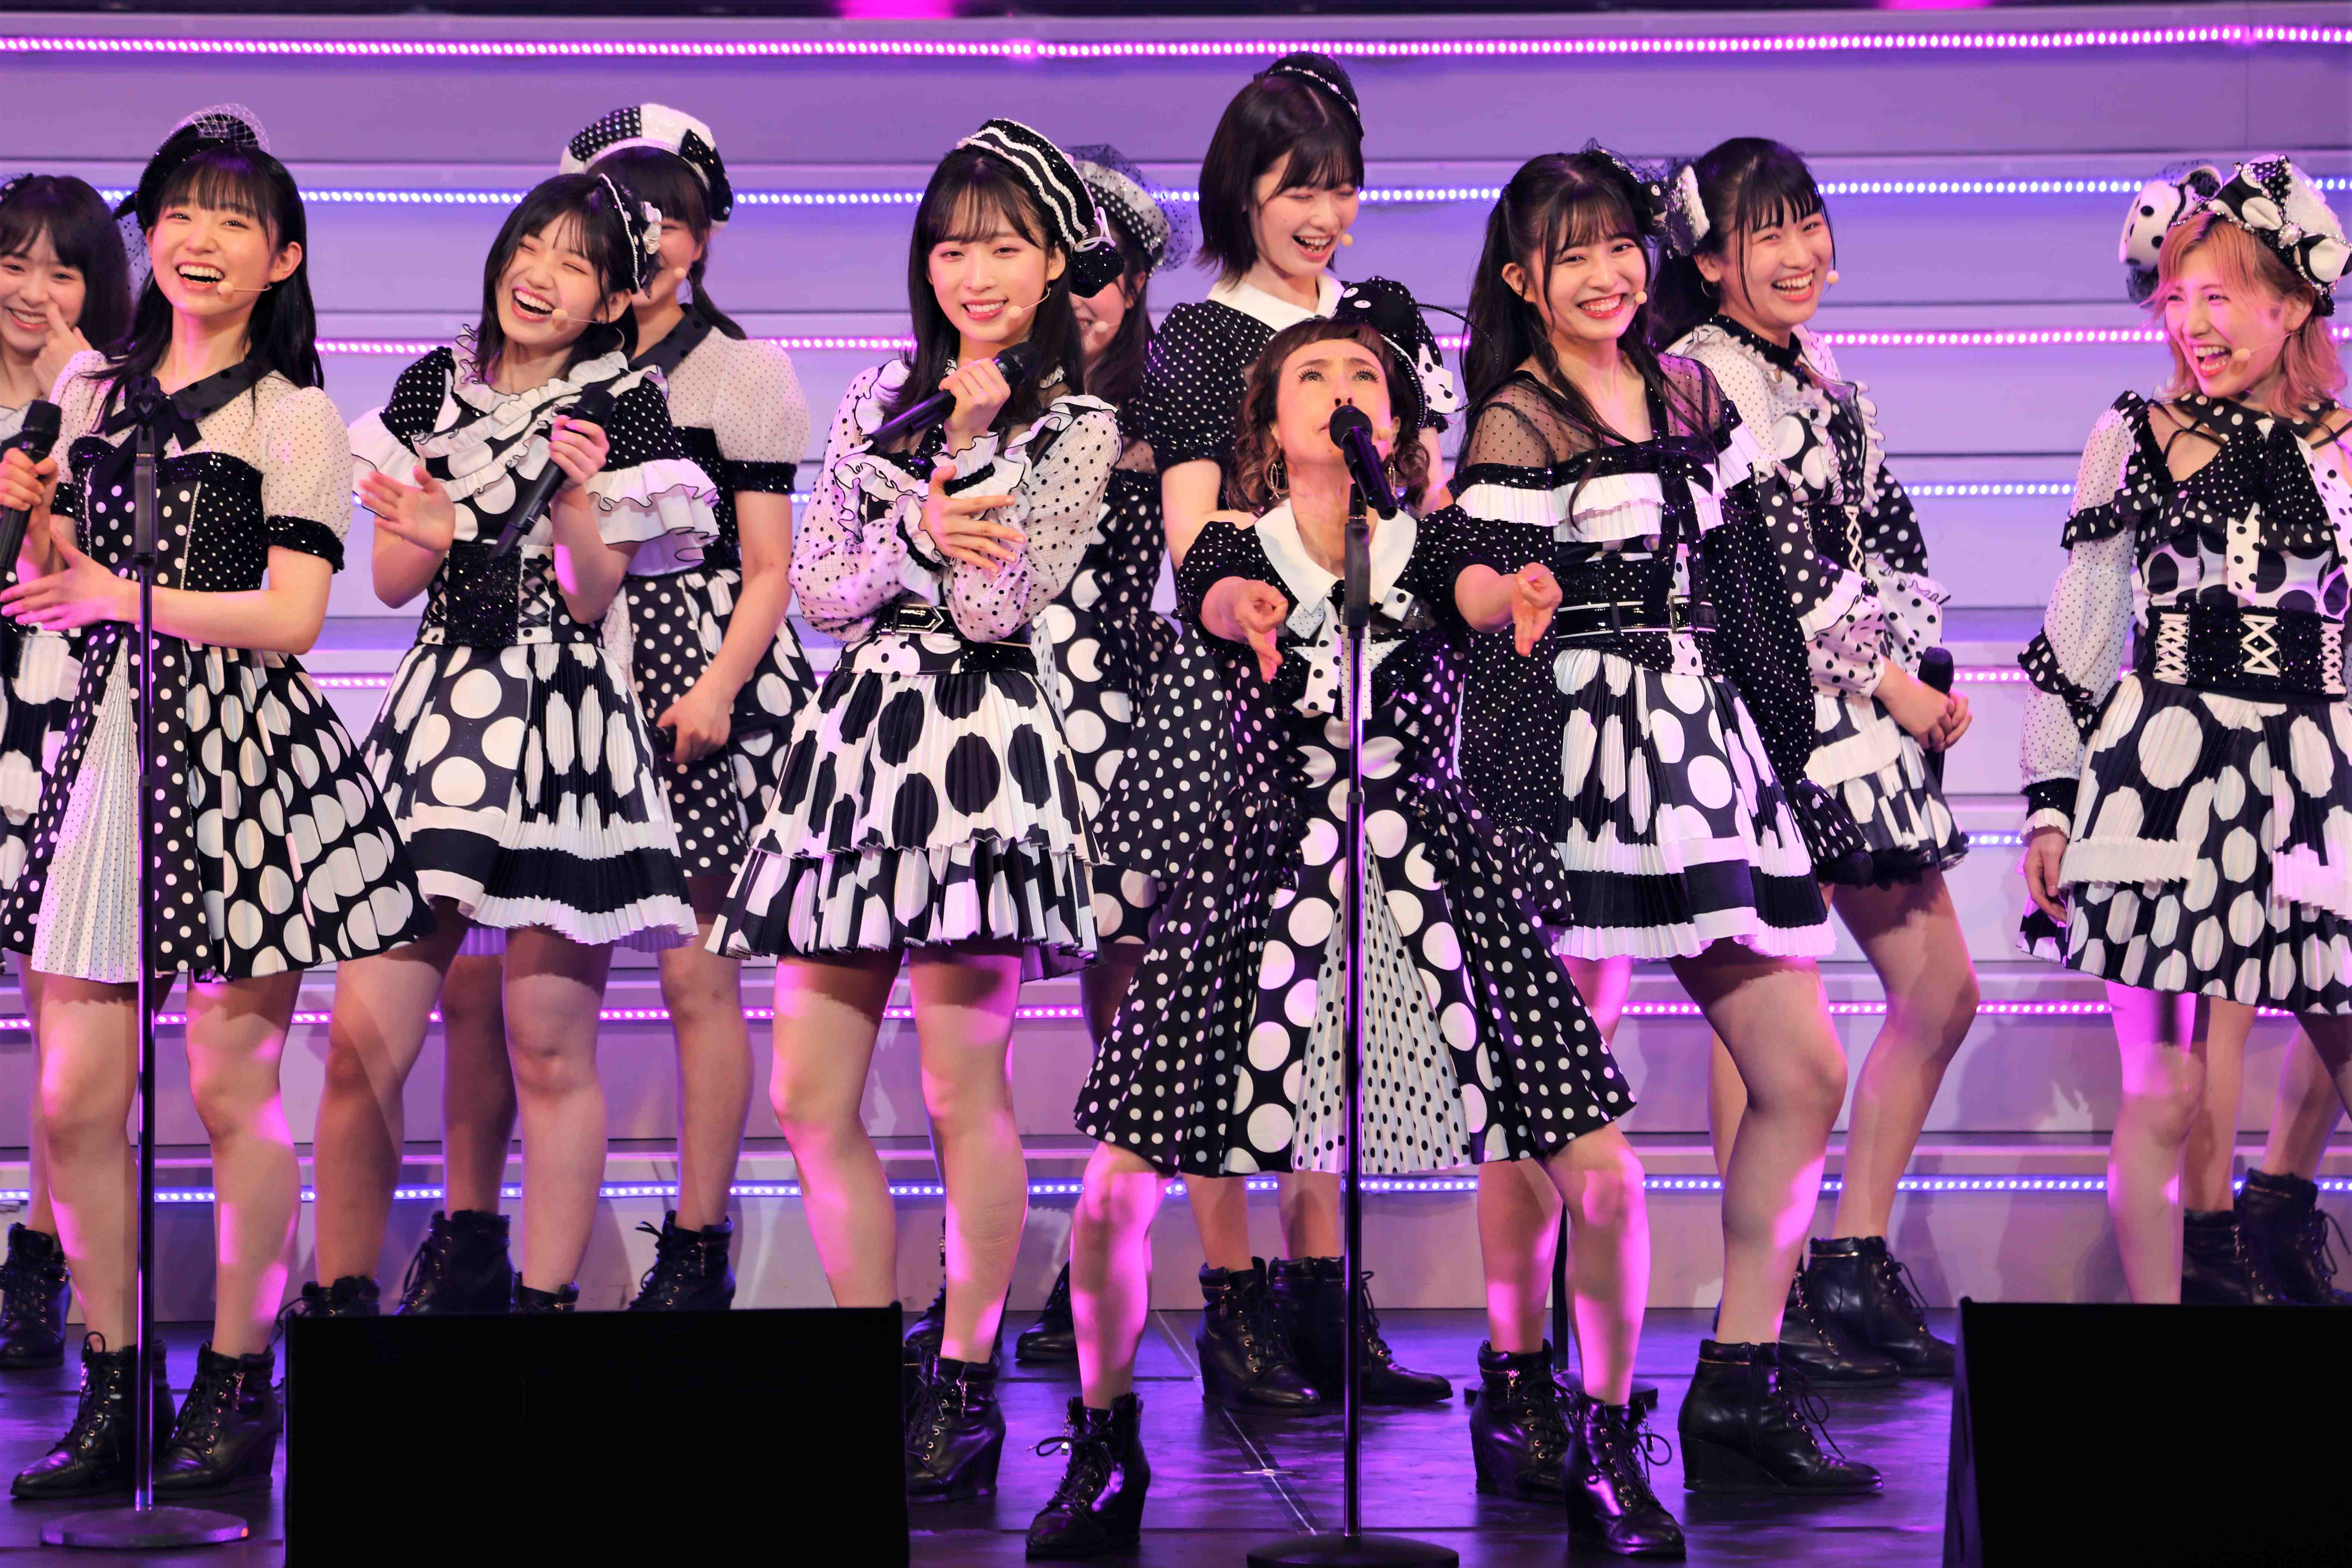 「よろちくびー!」 ©AKB48 THE AUDISHOW製作委員会  無断アップロード及び転送は一切禁止です。